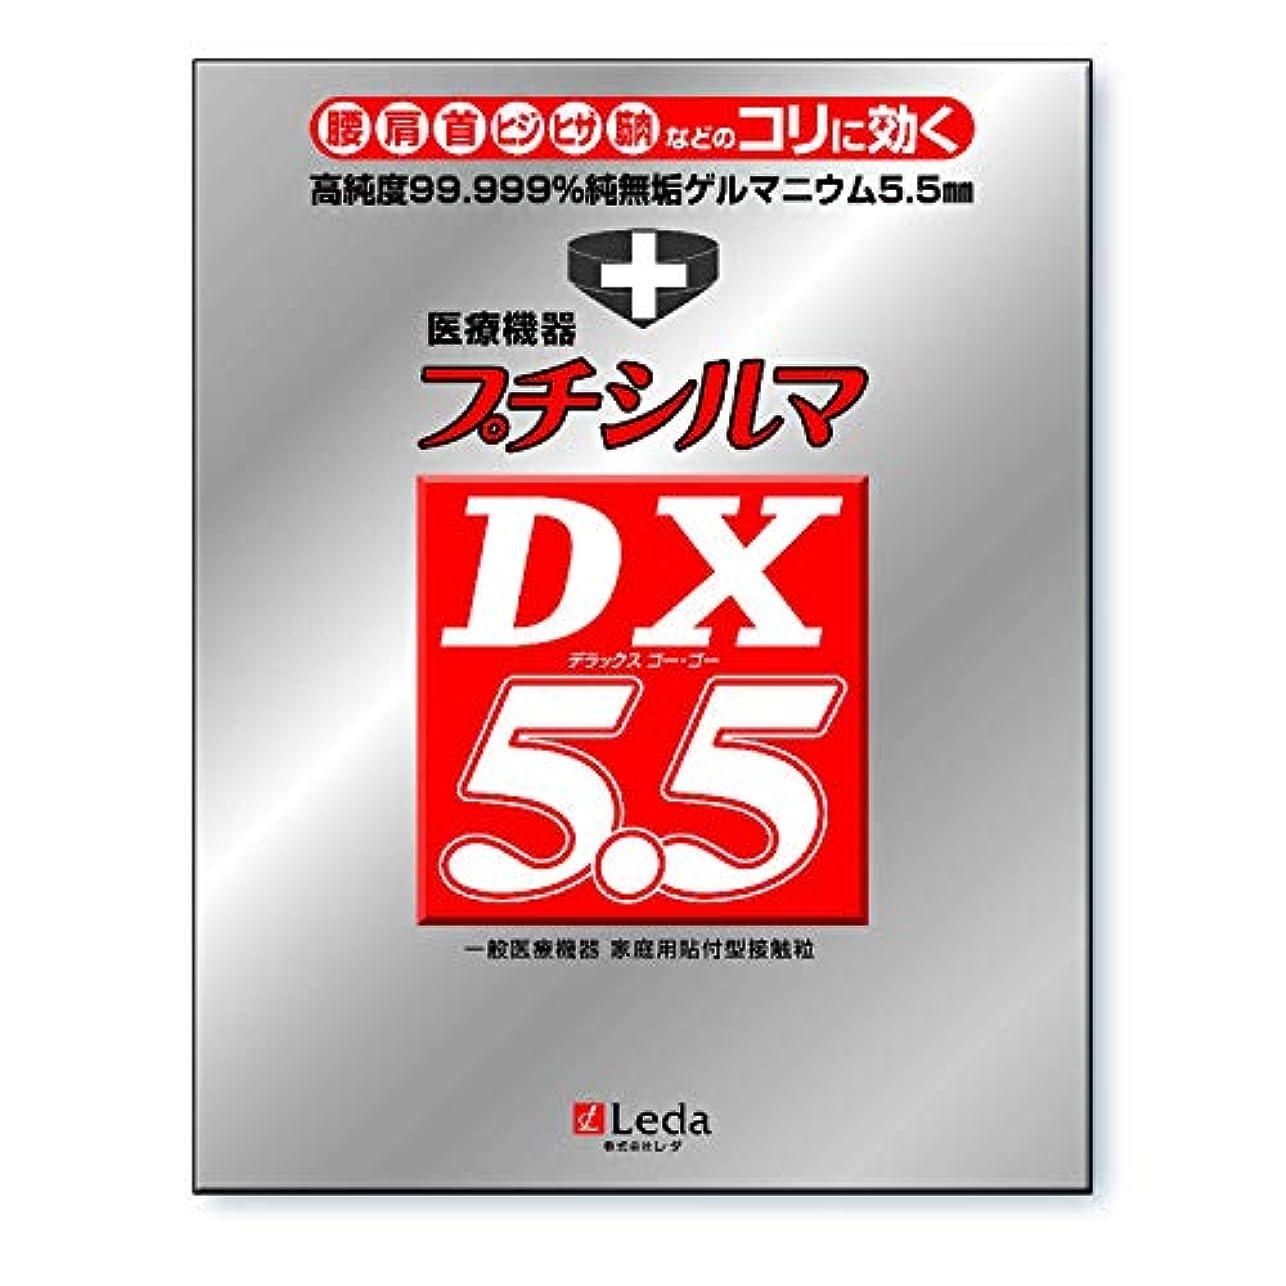 インシュレータ注入するエレメンタルプチシルマDX 5.5 お徳用替えプラスター200枚付き